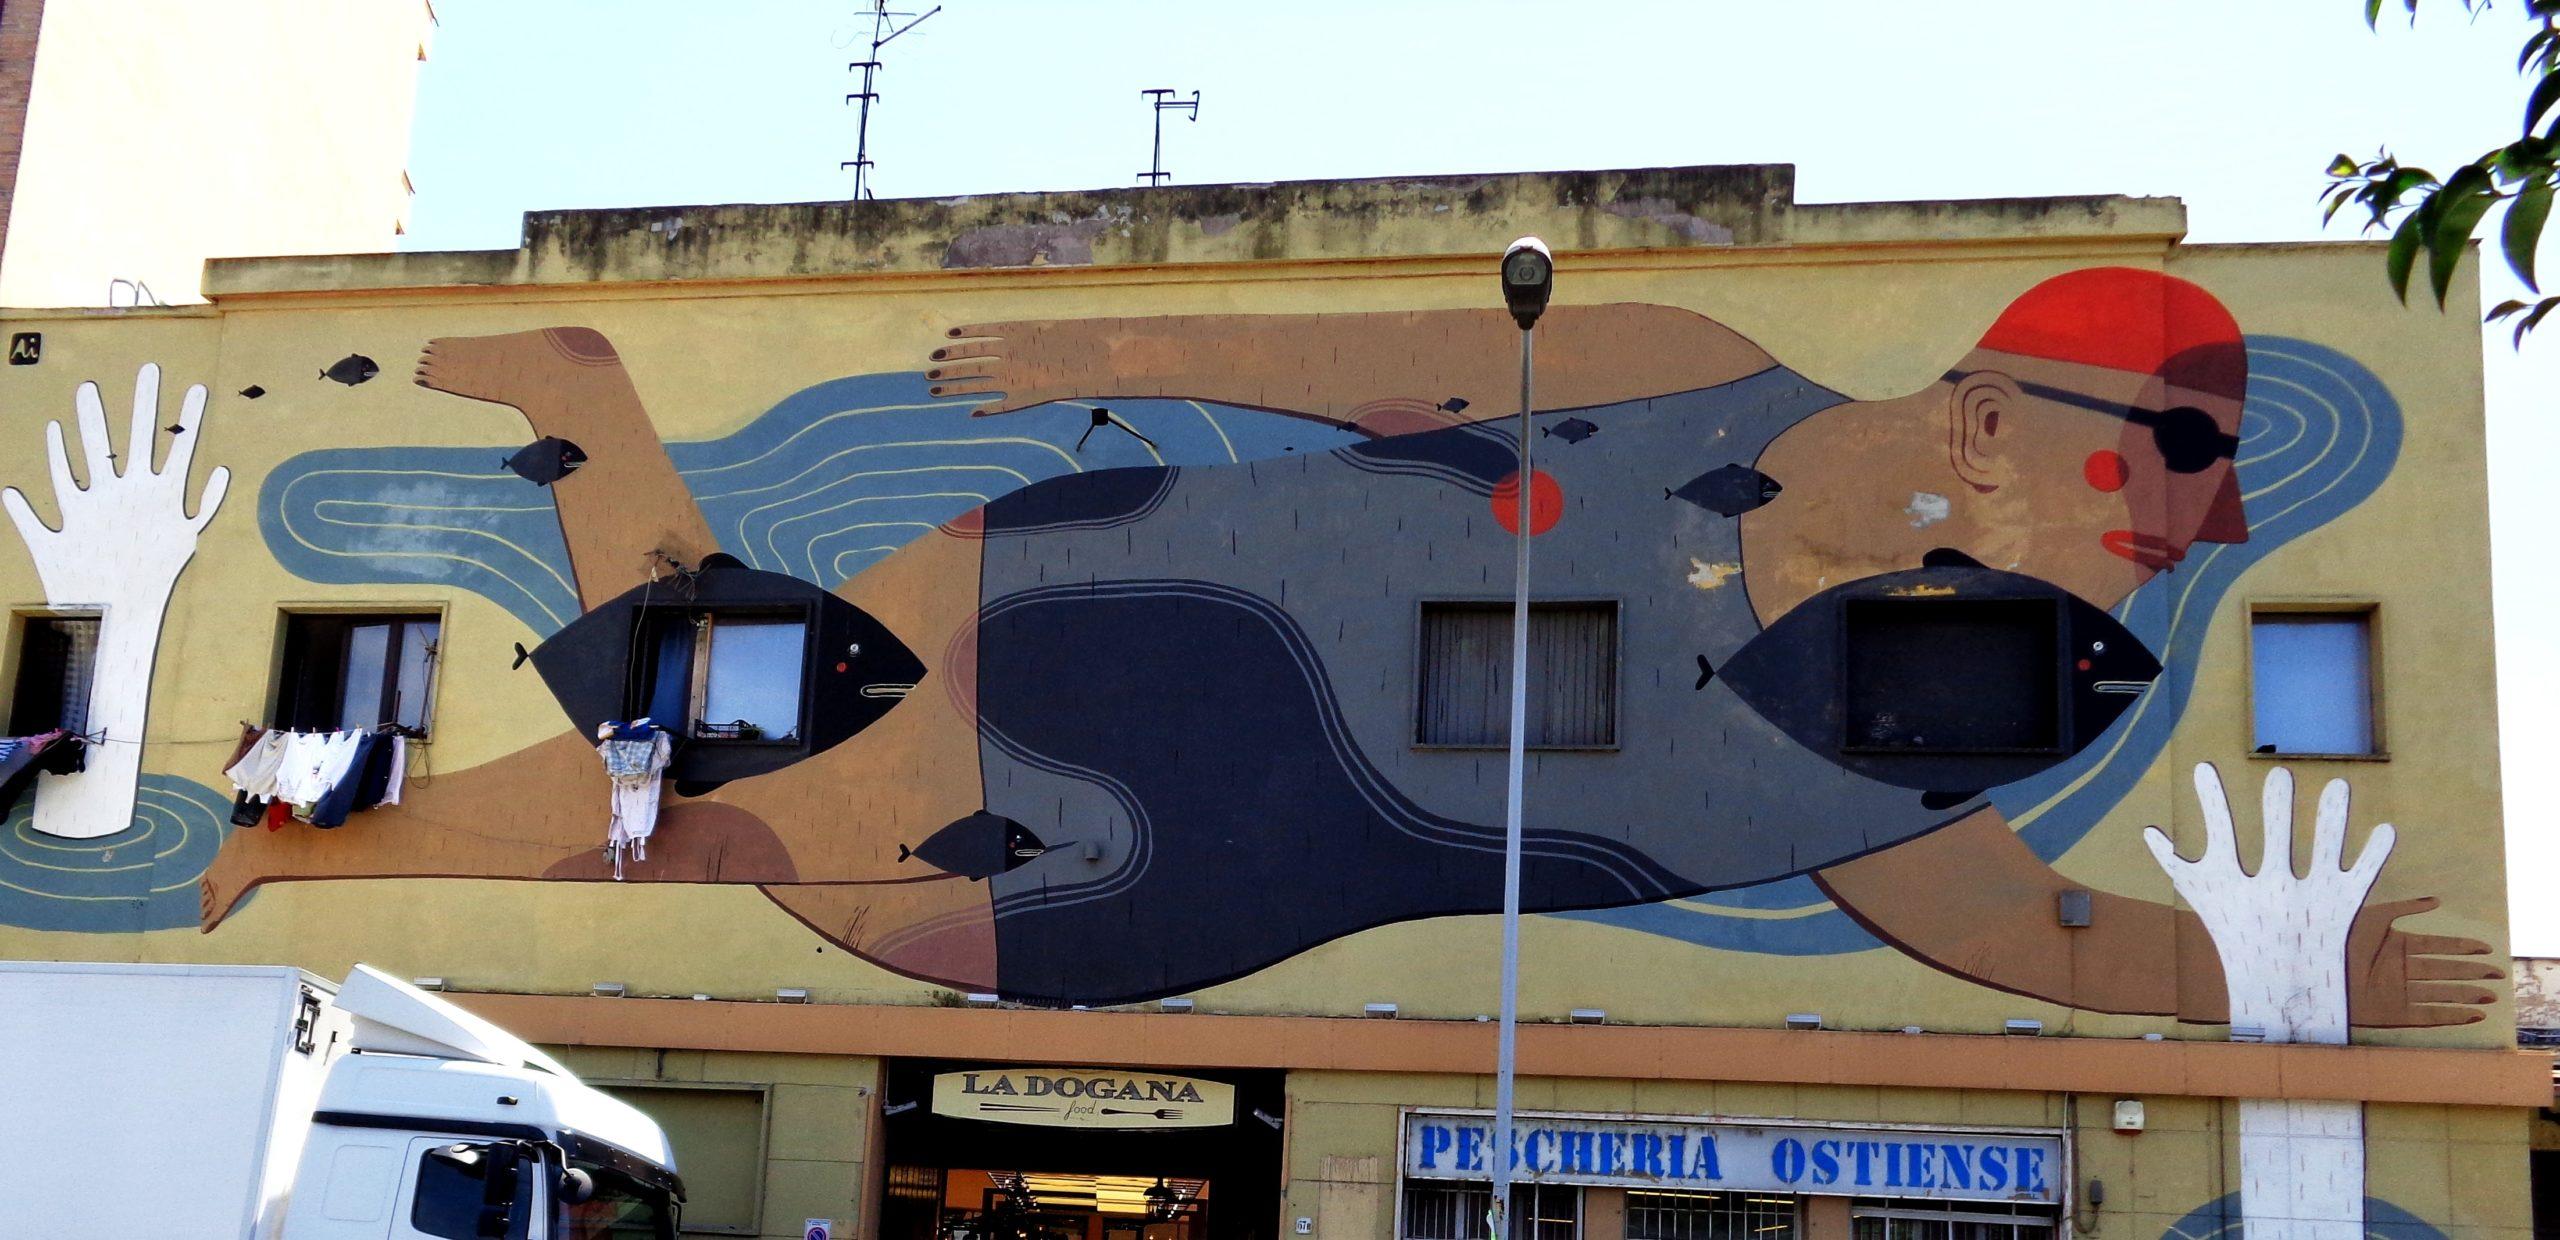 street art by Agostino Iacurci on via del porto fluviale, ostiense, rome